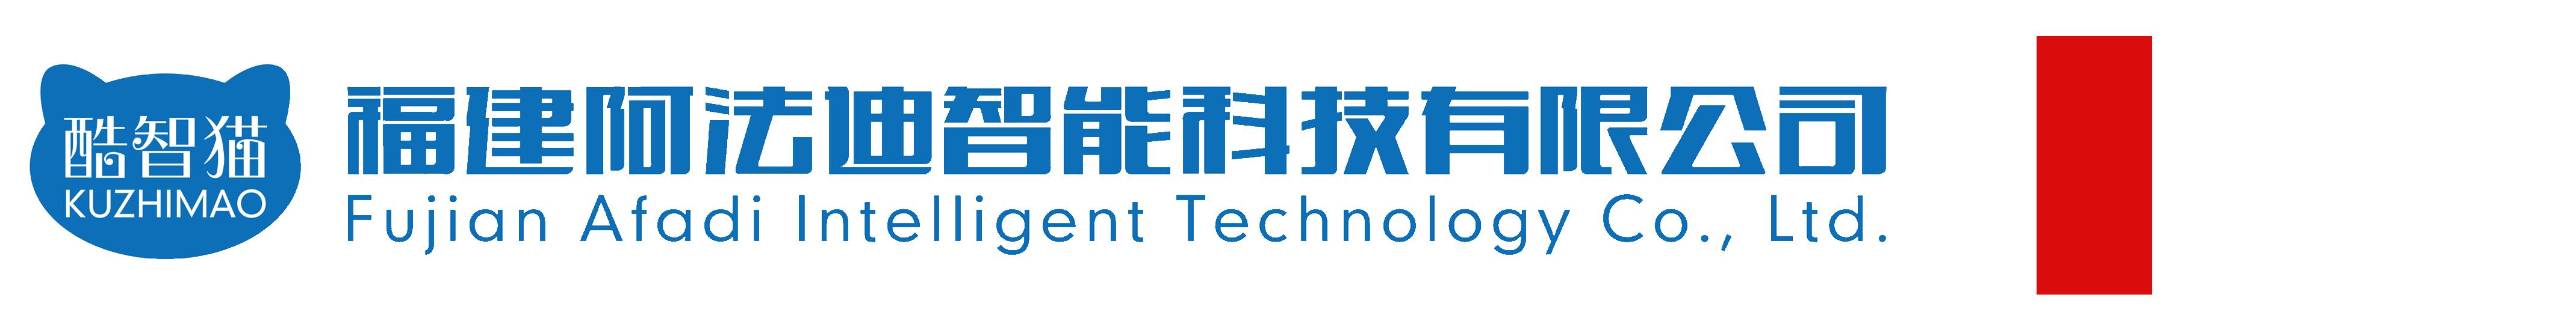 福建阿法迪智能科技有限公司